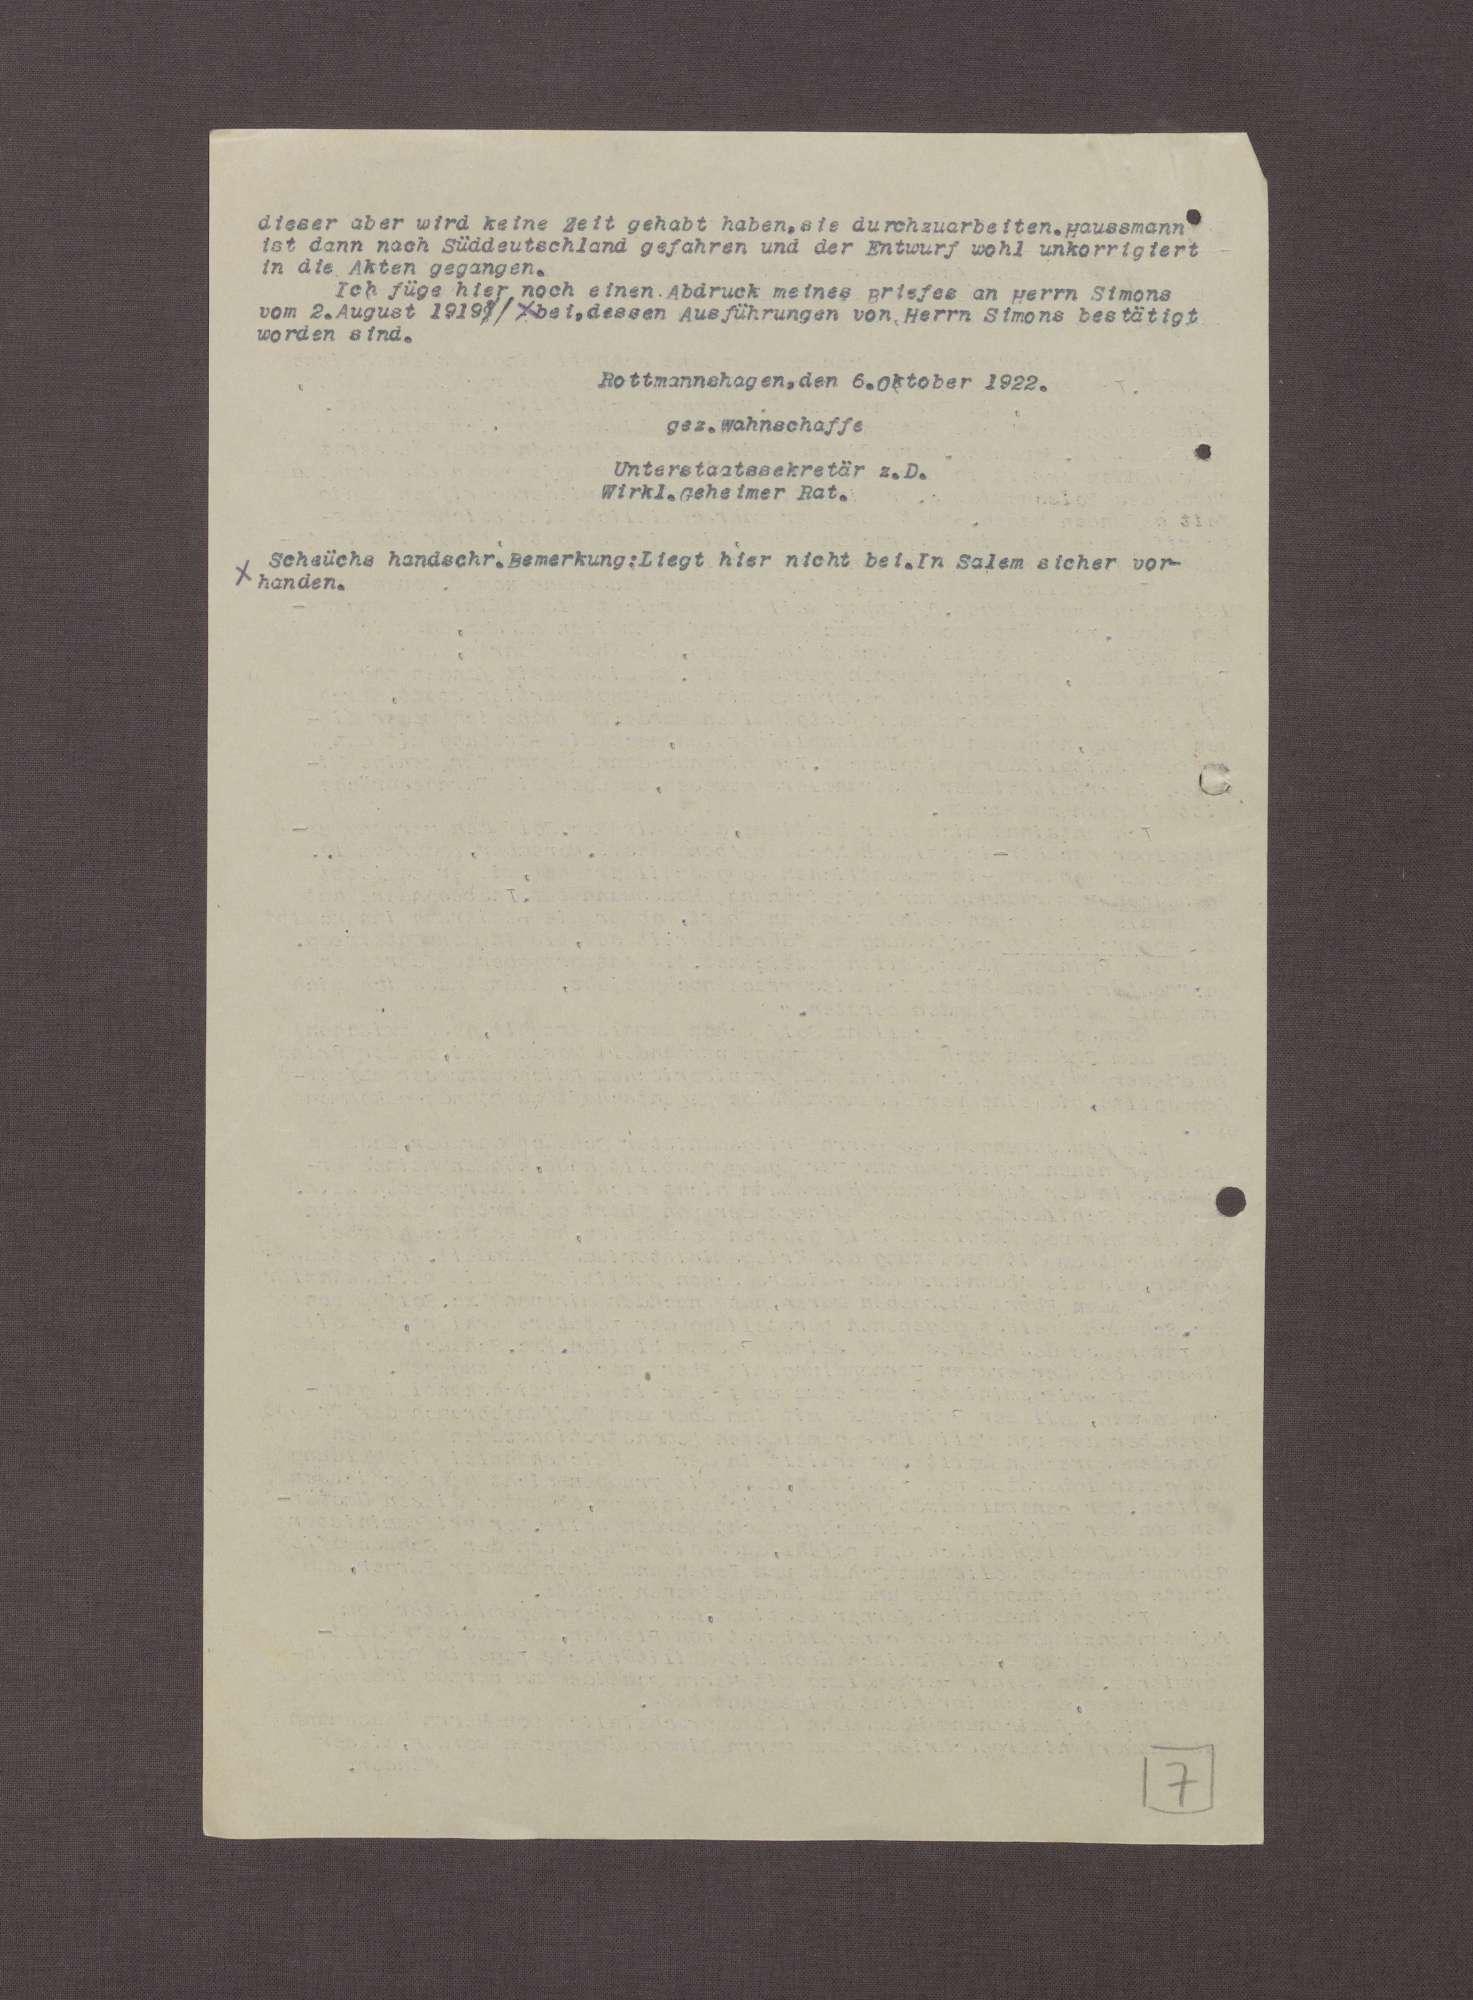 Schreiben von Arnold Wahnschaffe an Prinz Max von Baden bzgl. der Übergabe der Aufzeichnungen Haußmanns über die Ereignisse am 09.11.1918, Bild 3